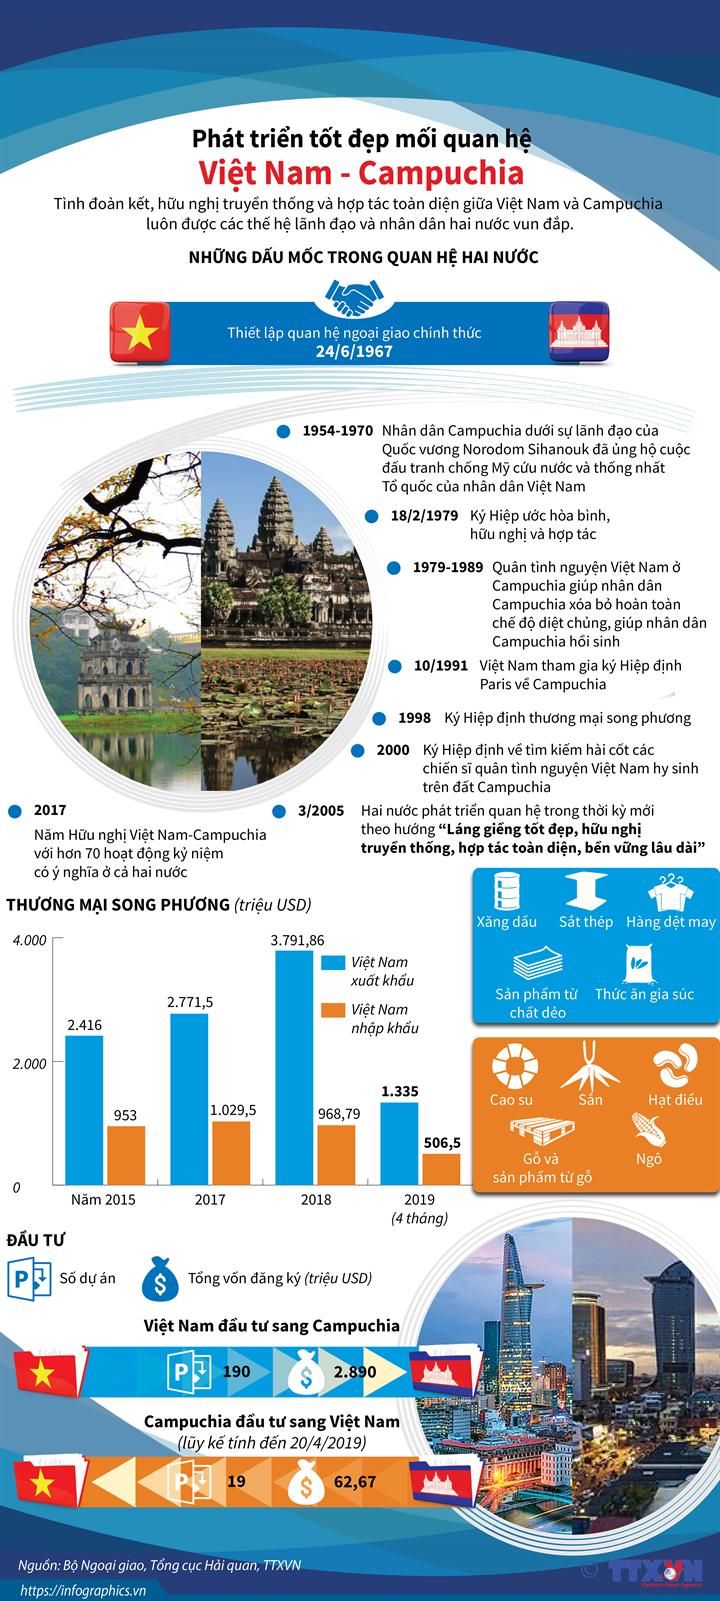 Phát triển tốt đẹp mối quan hệ Việt Nam-Campuchia